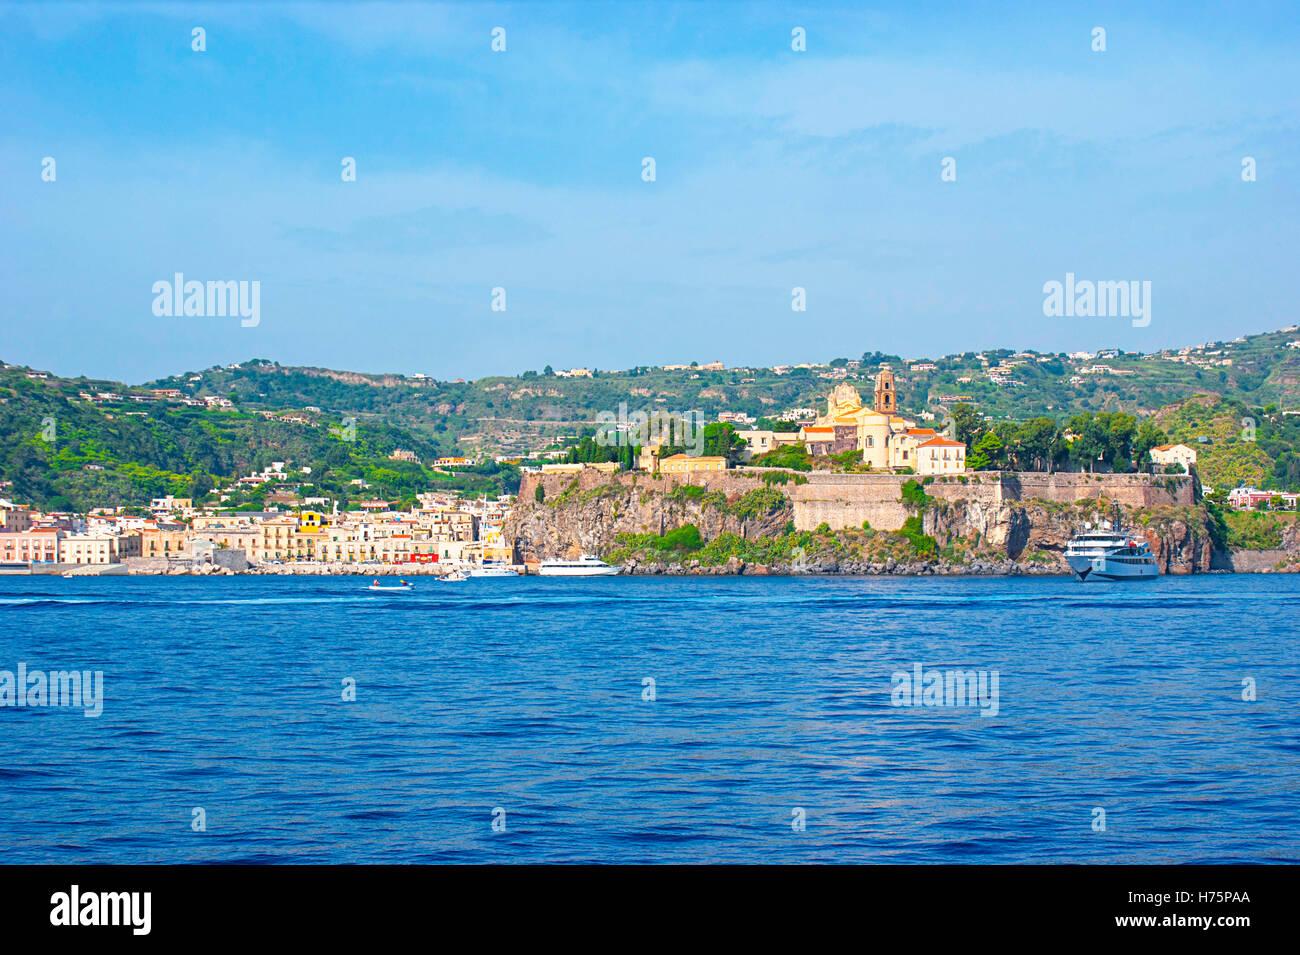 Godetevi il viaggio verso la fortezza medievale di Lipari con San Bartolomeo cattedrale, Museo Archeologico e Marina Immagini Stock